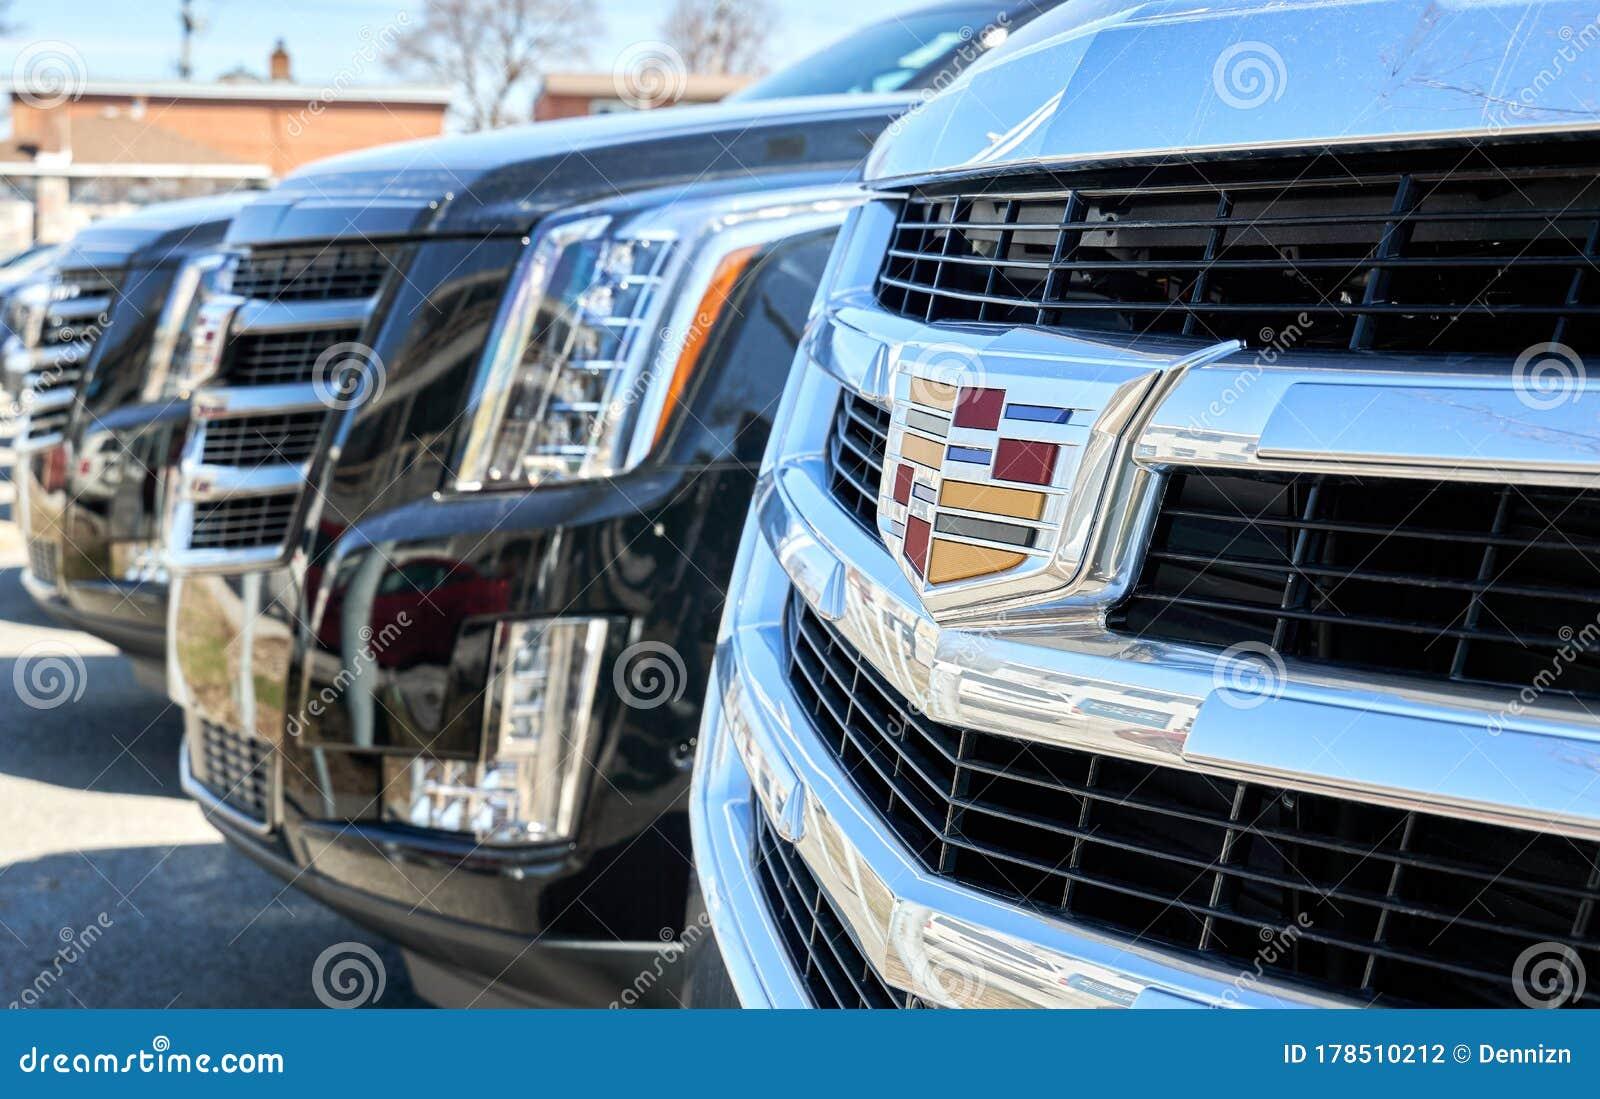 Cadillac Escalade 2020 Black Car And Logo Close-up At ...